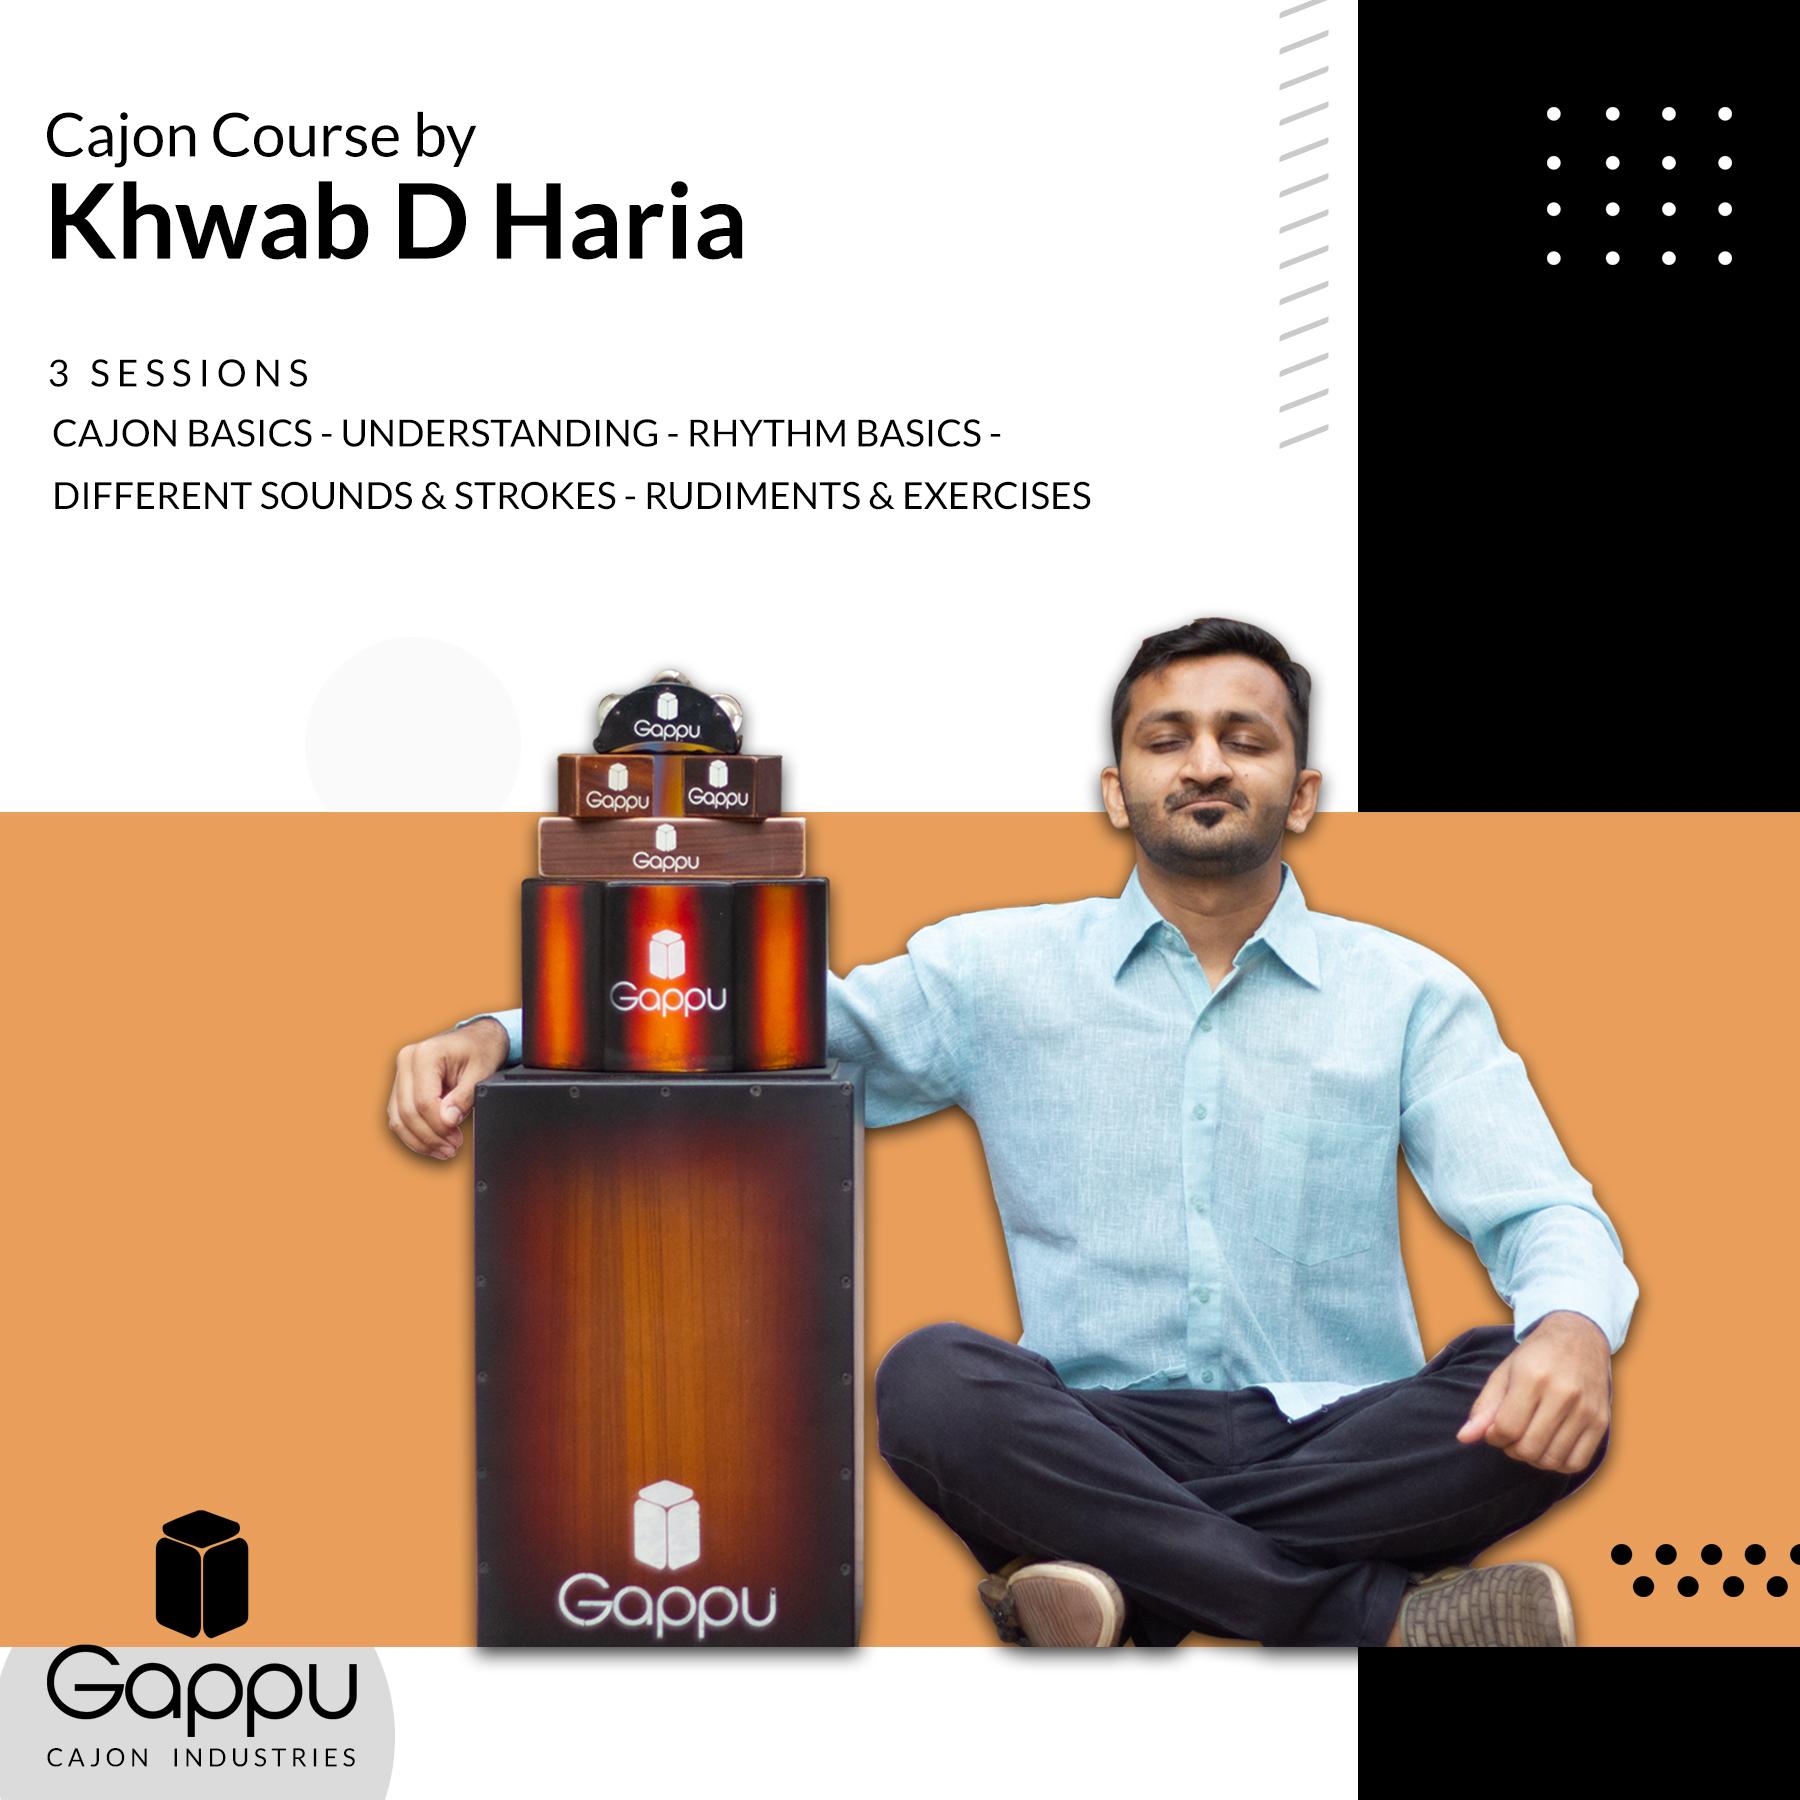 Khwab D Haria